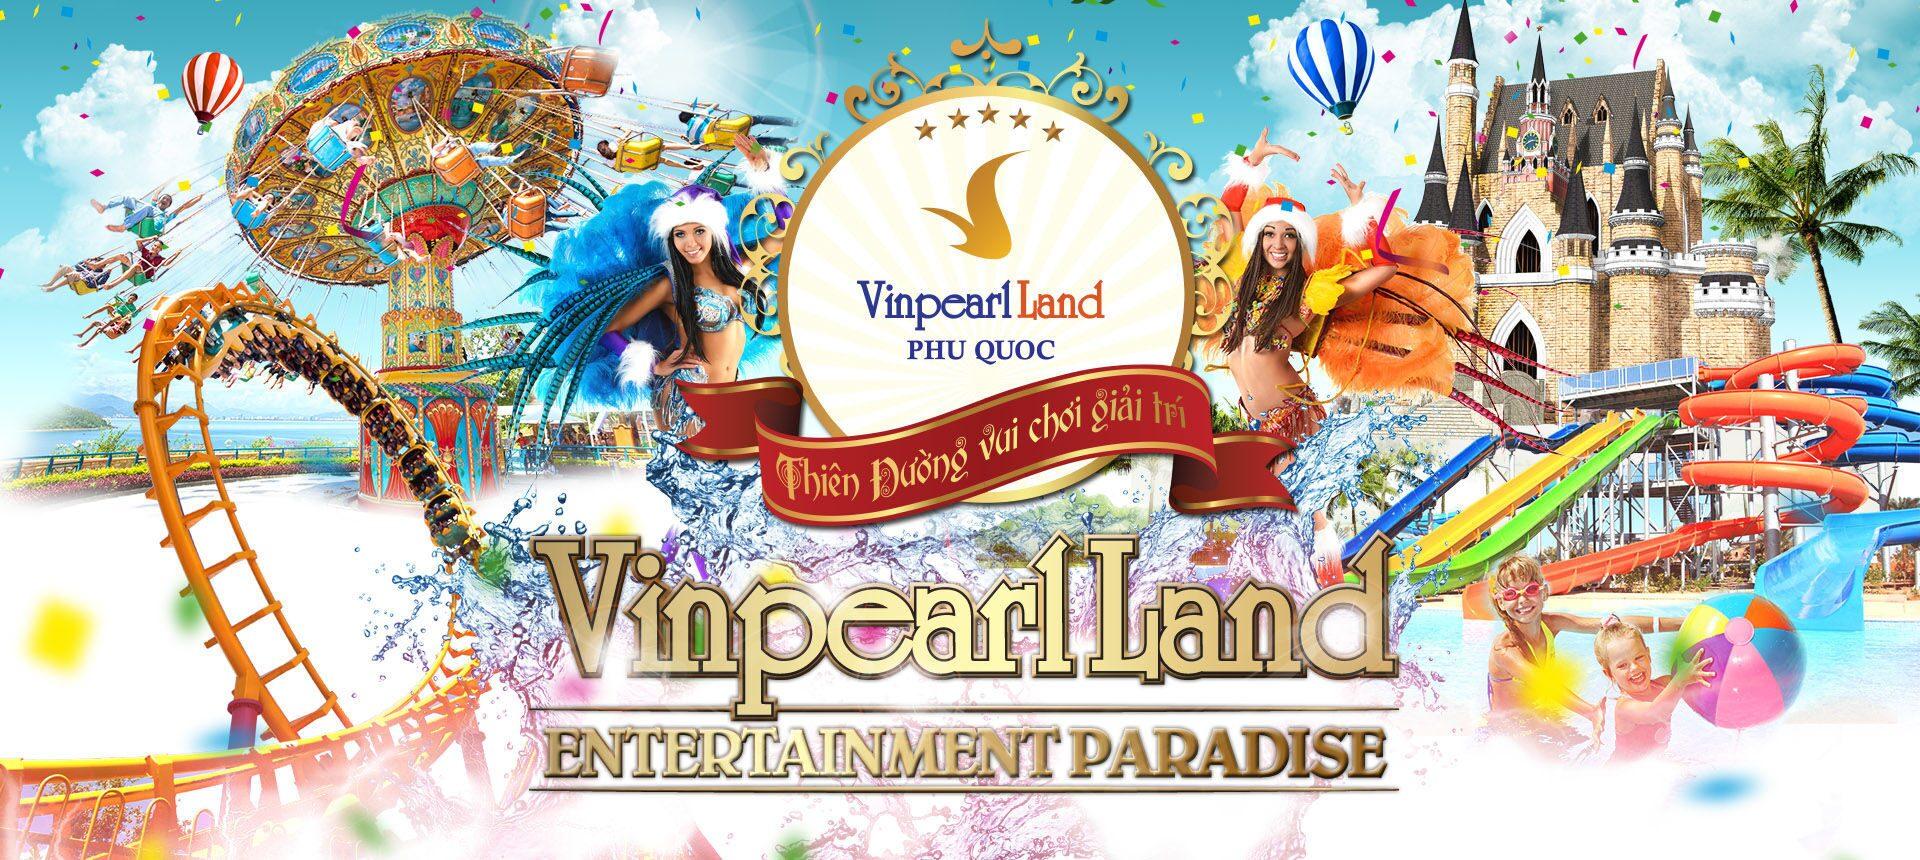 11 дней на о. Фукуок в отеле VINPEARL RESORT & SPA PHU QUOC + безлимитный доступ в парк развлечений Vinpearl Land!